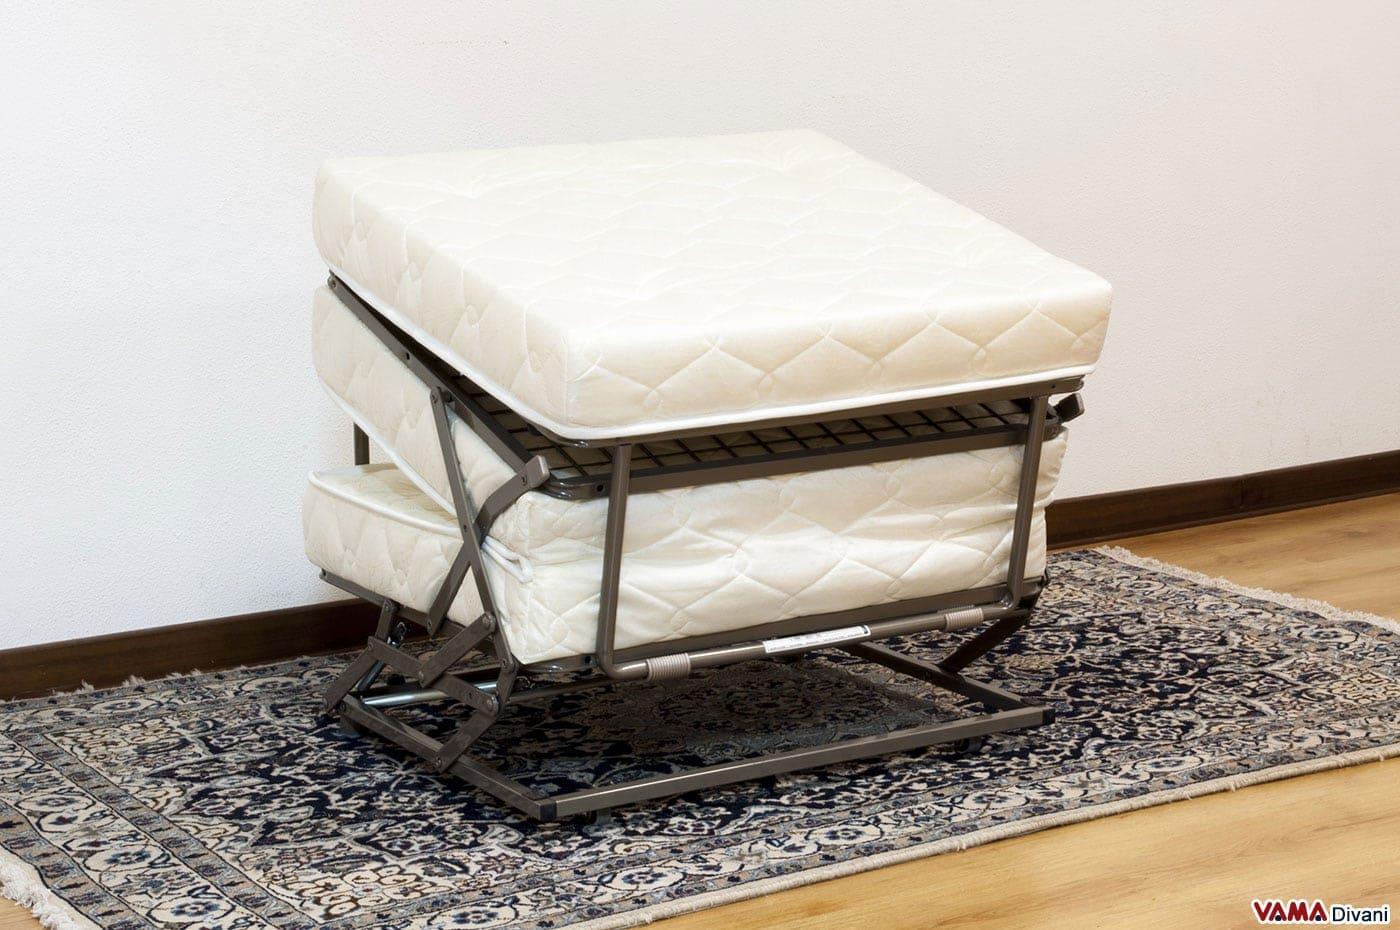 Pouf letto singolo sfoderabile - Prezzi e vendita on line